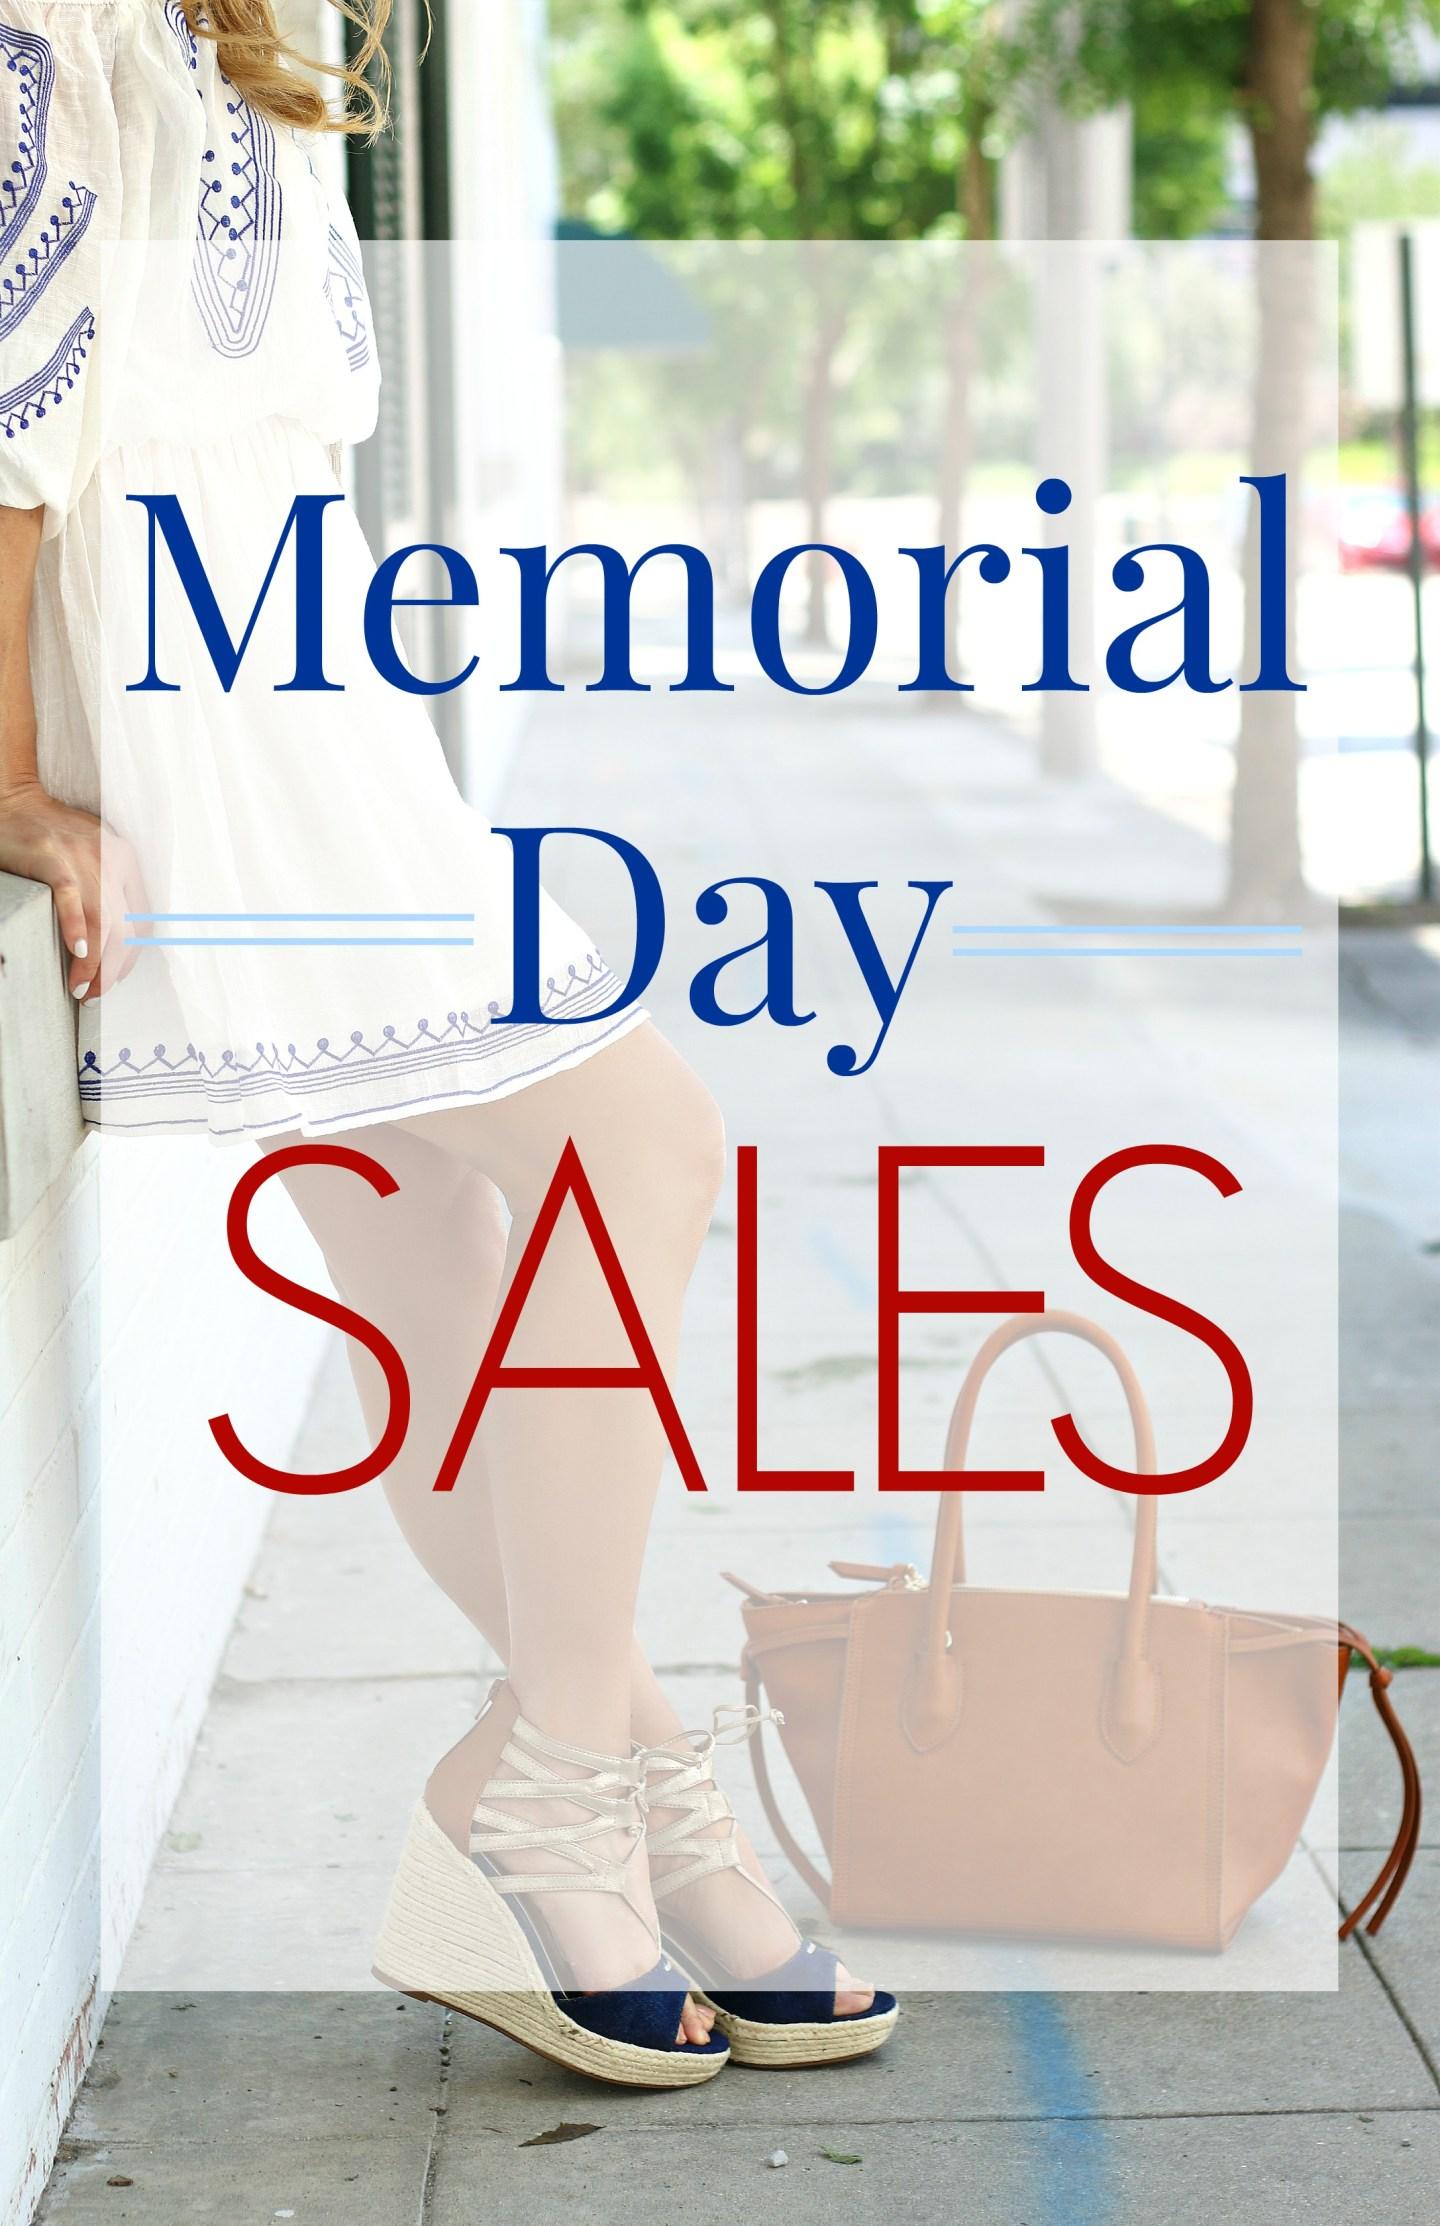 Memorial Day Sales!